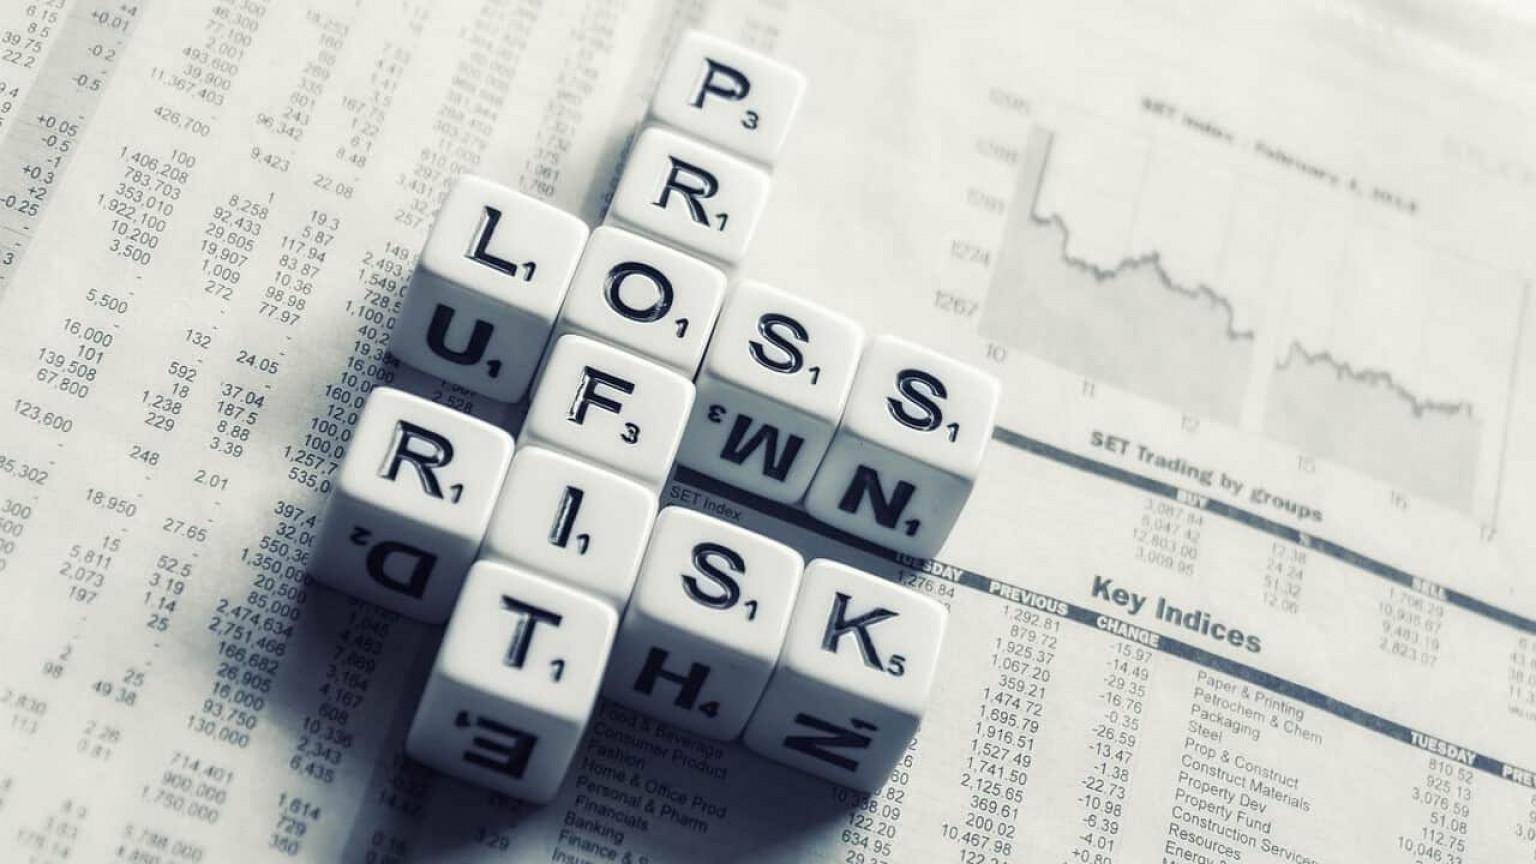 Image of p2p lending blogger investment portfolio